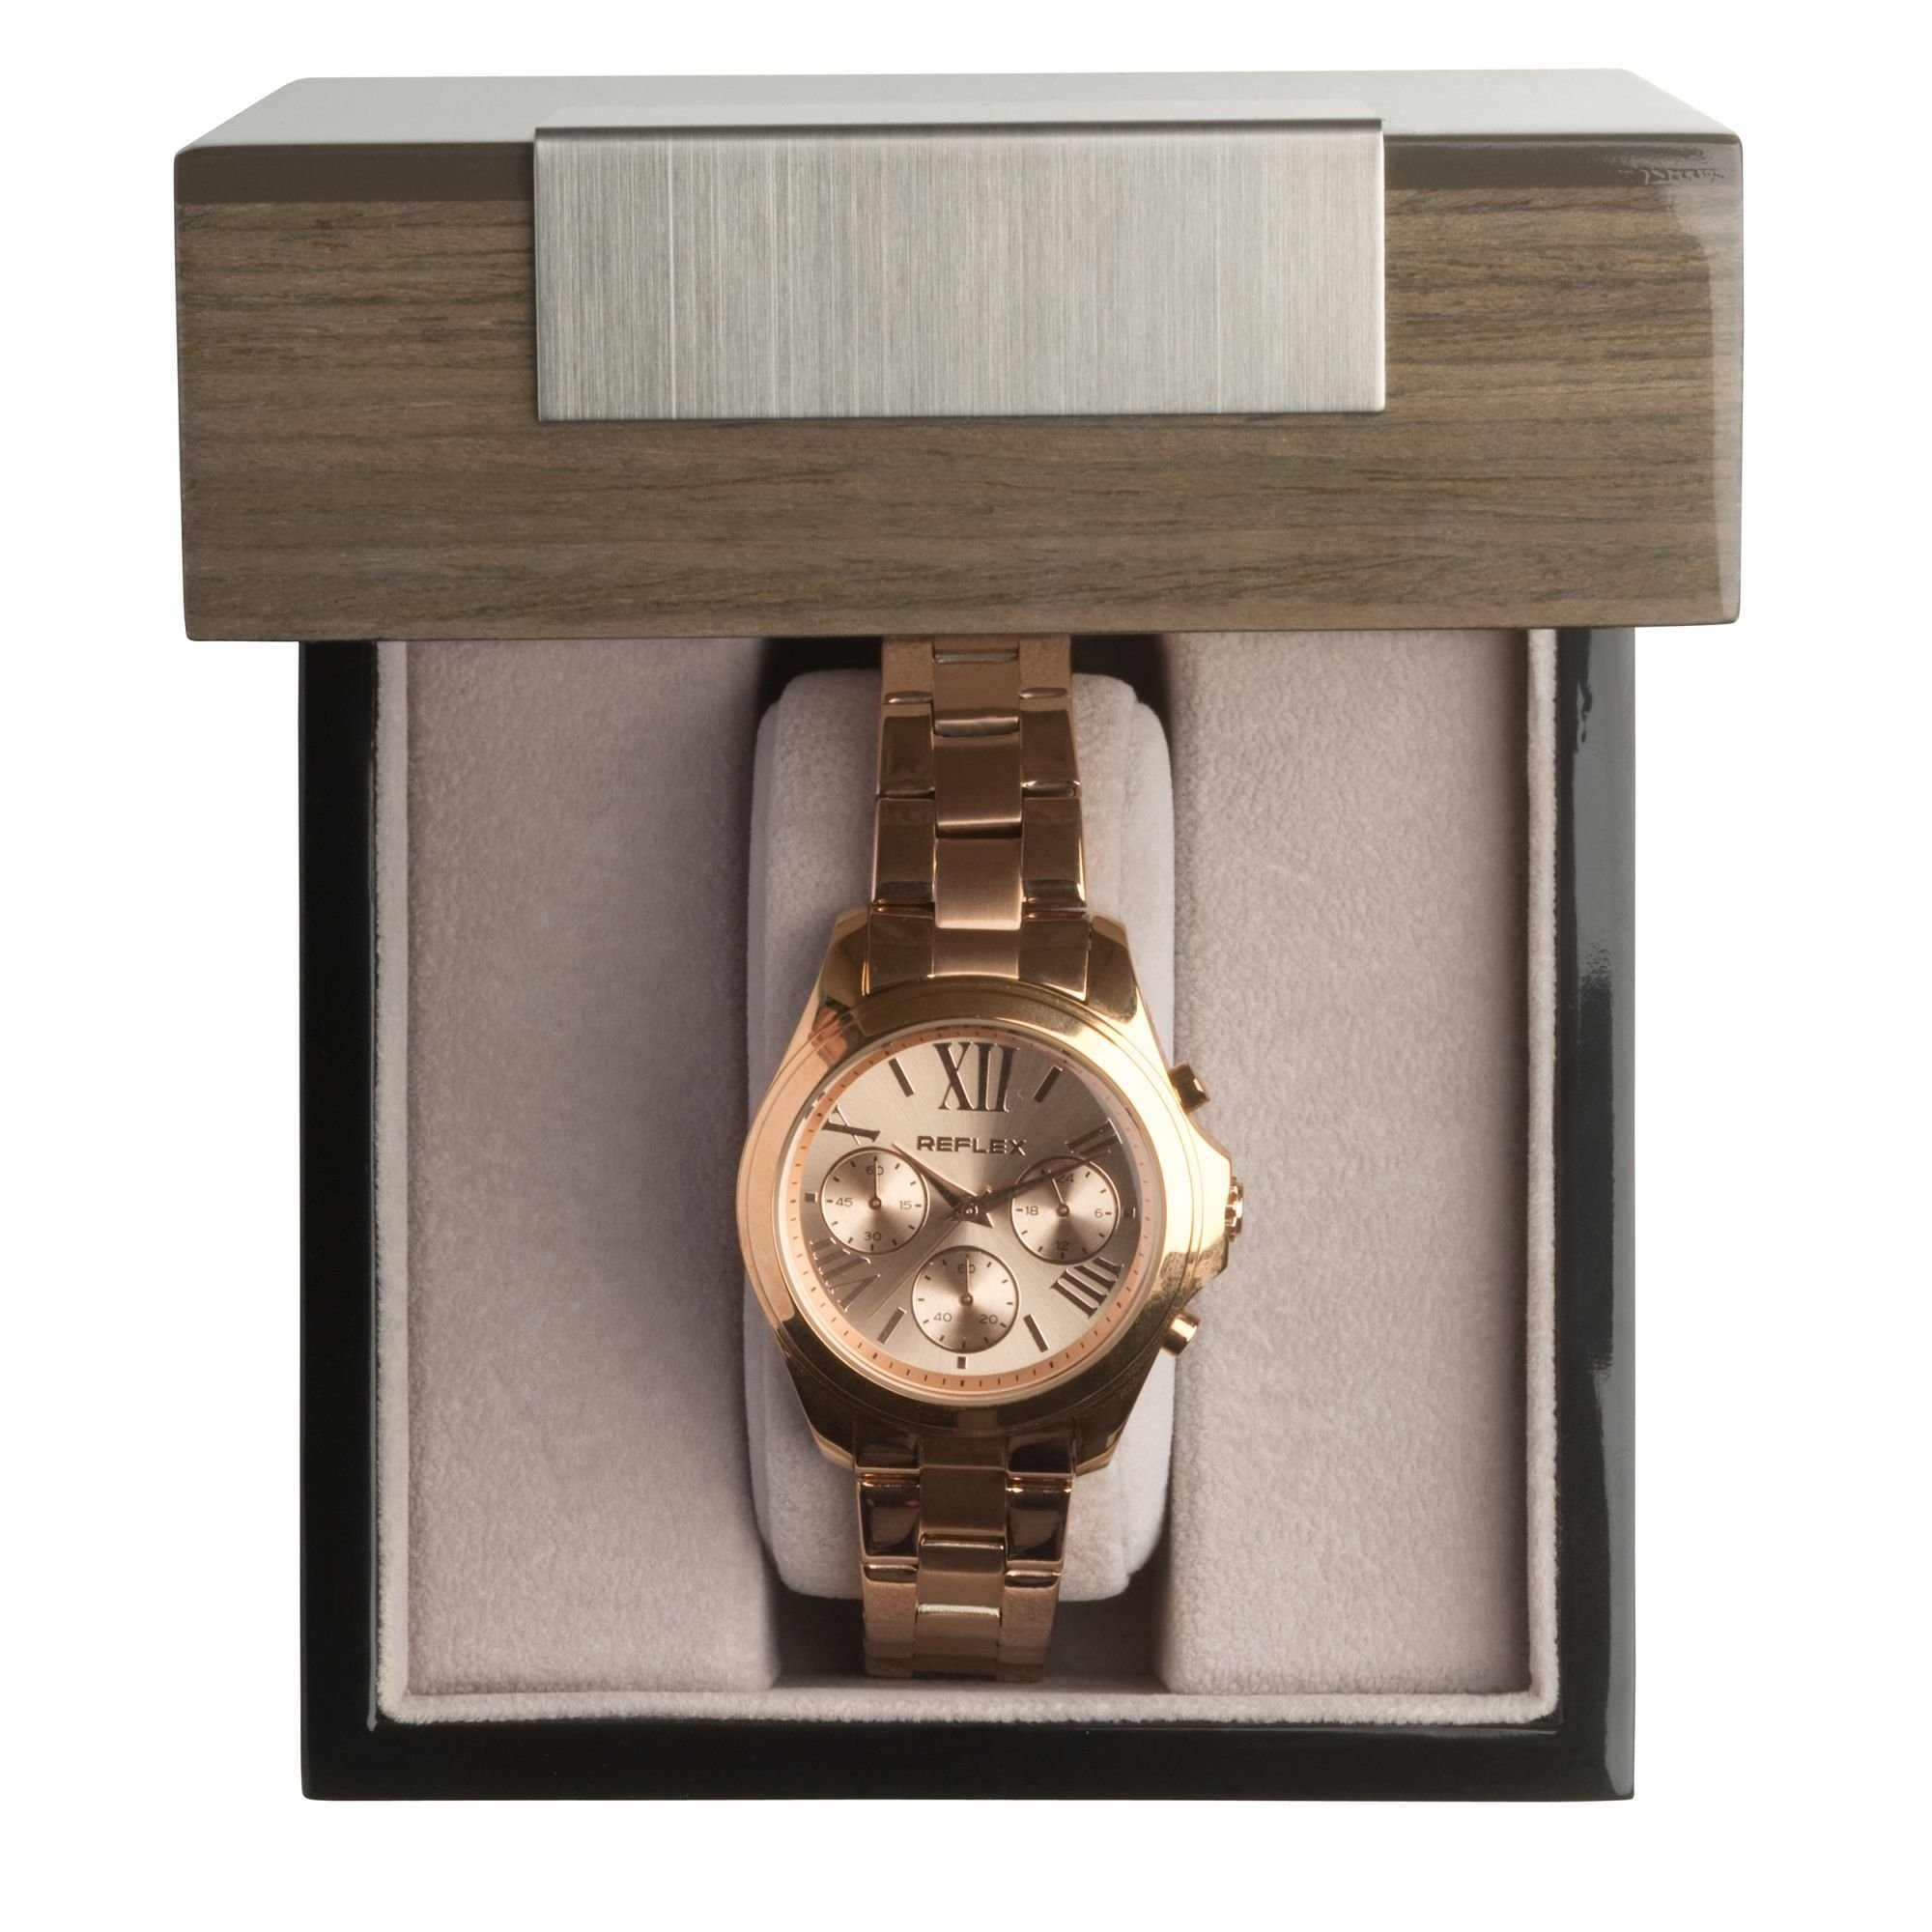 Verpackung für Armbanduhren, Ansicht 3